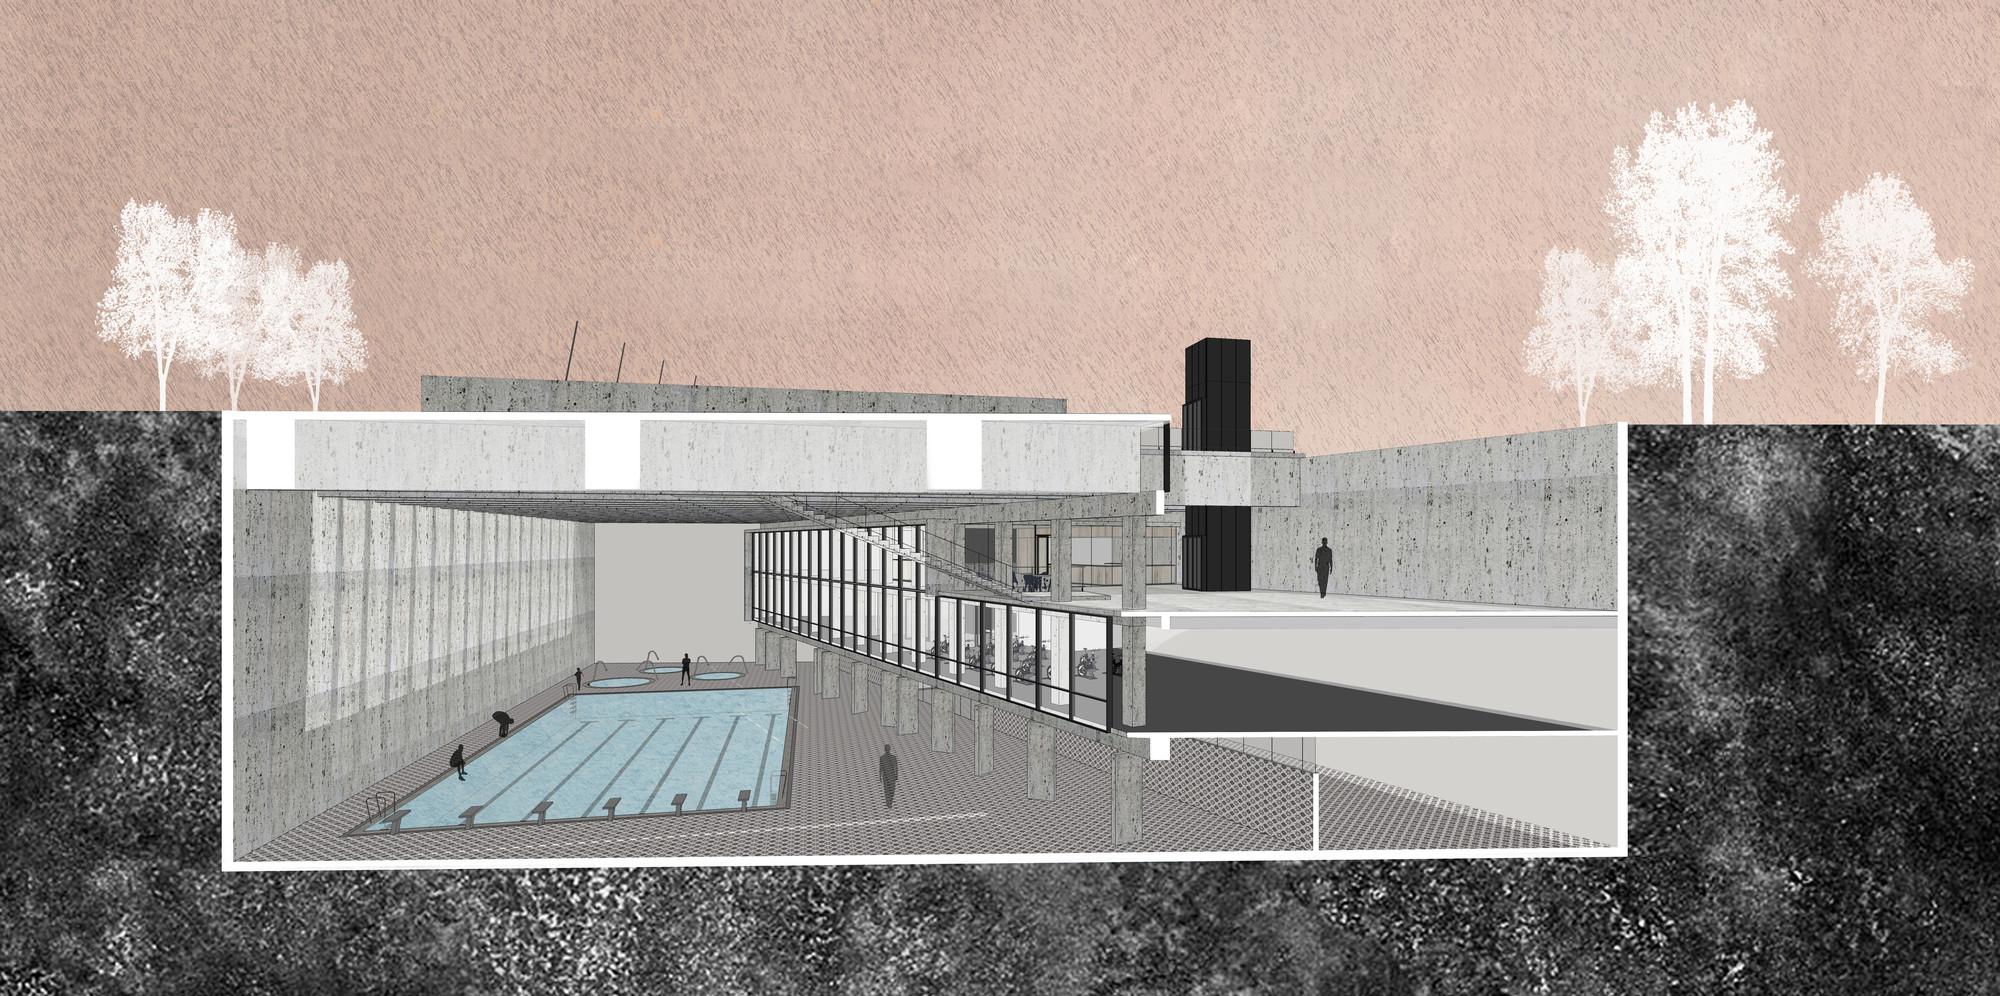 Galer a de primer lugar en concurso de piscina municipal for Planos de piletas de natacion